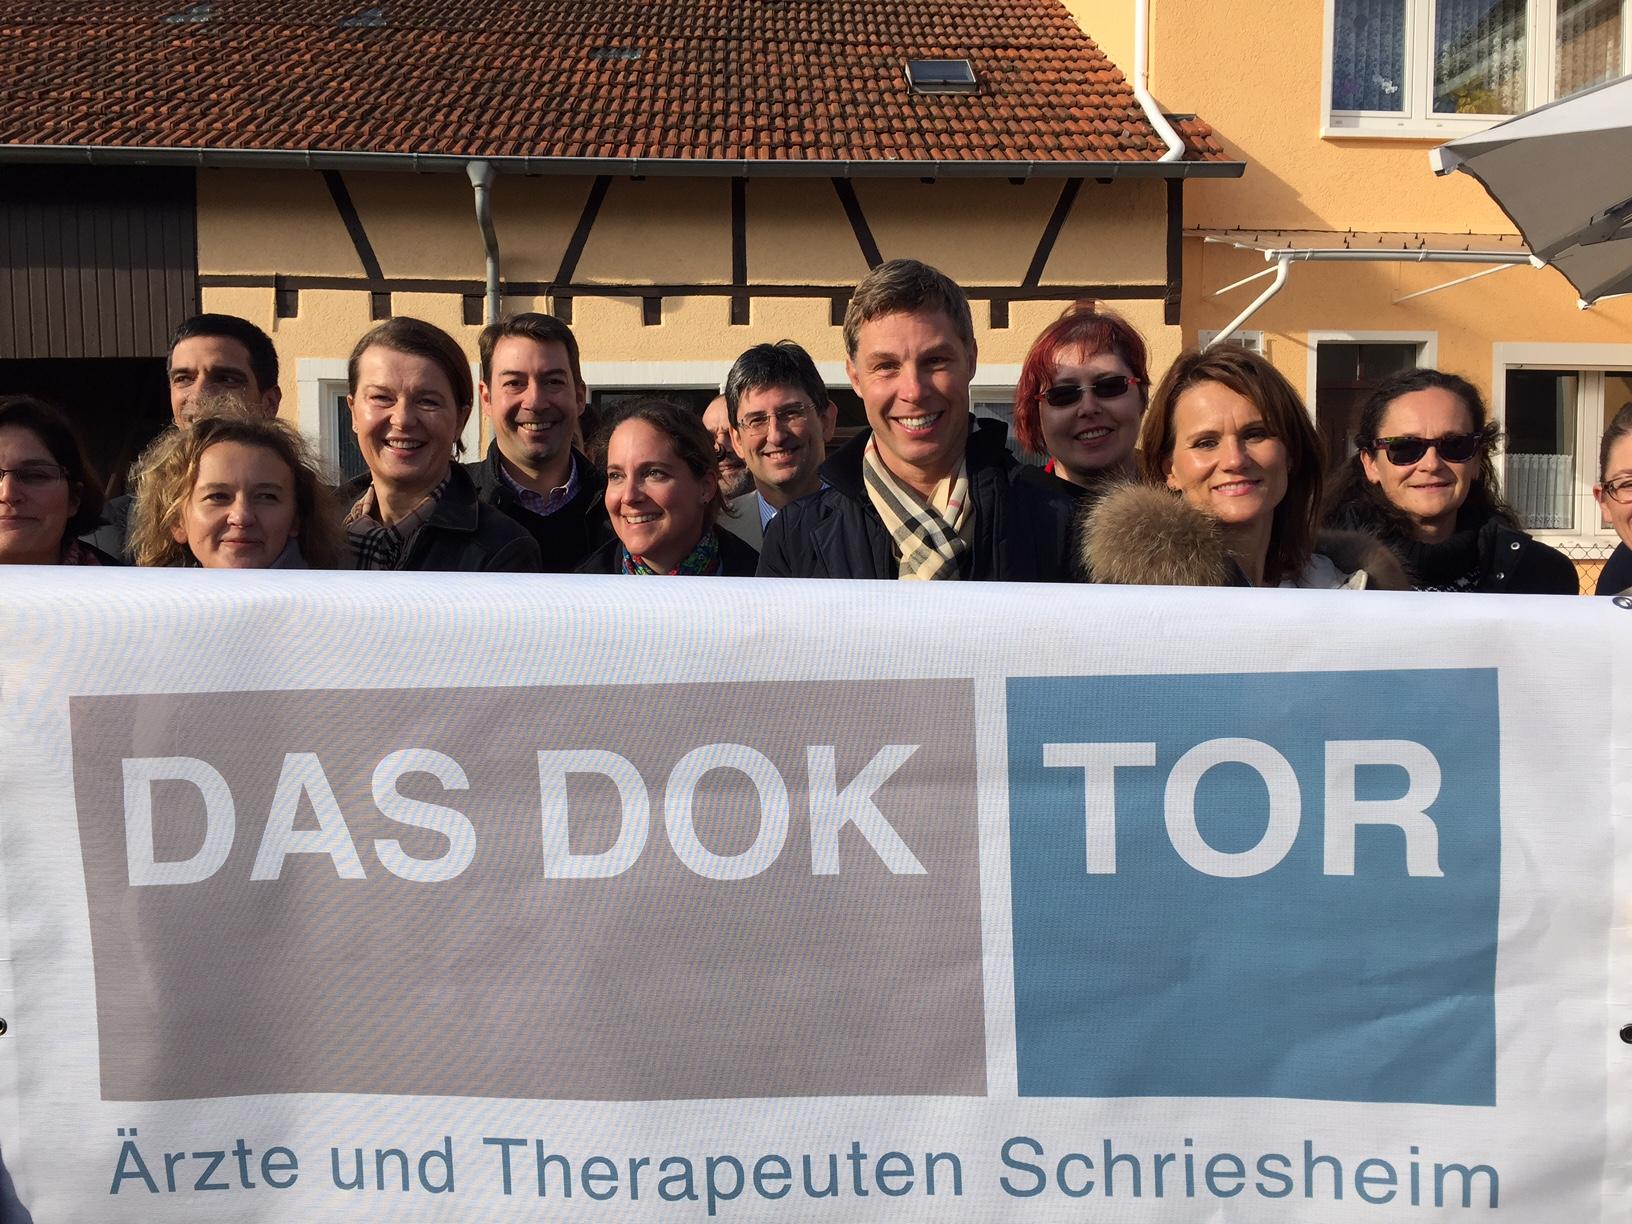 Wir sind DAS DOK:TOR!